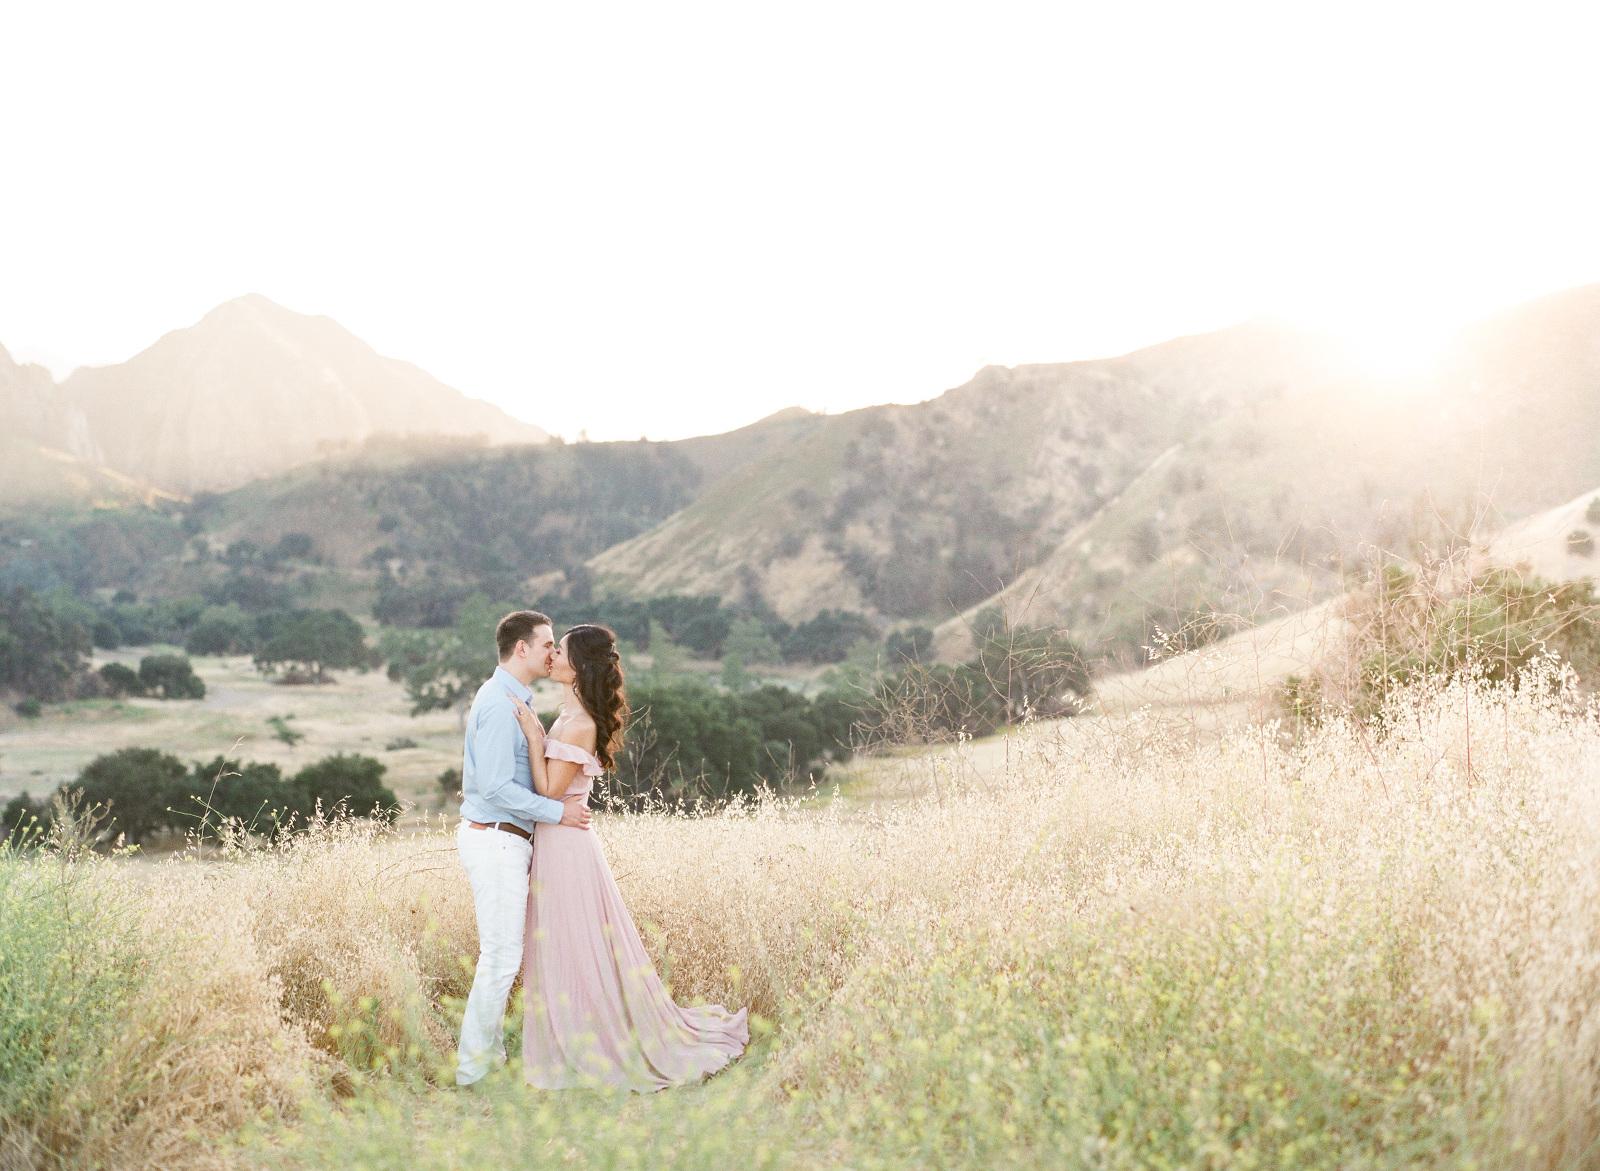 Malibu Engagement Photos